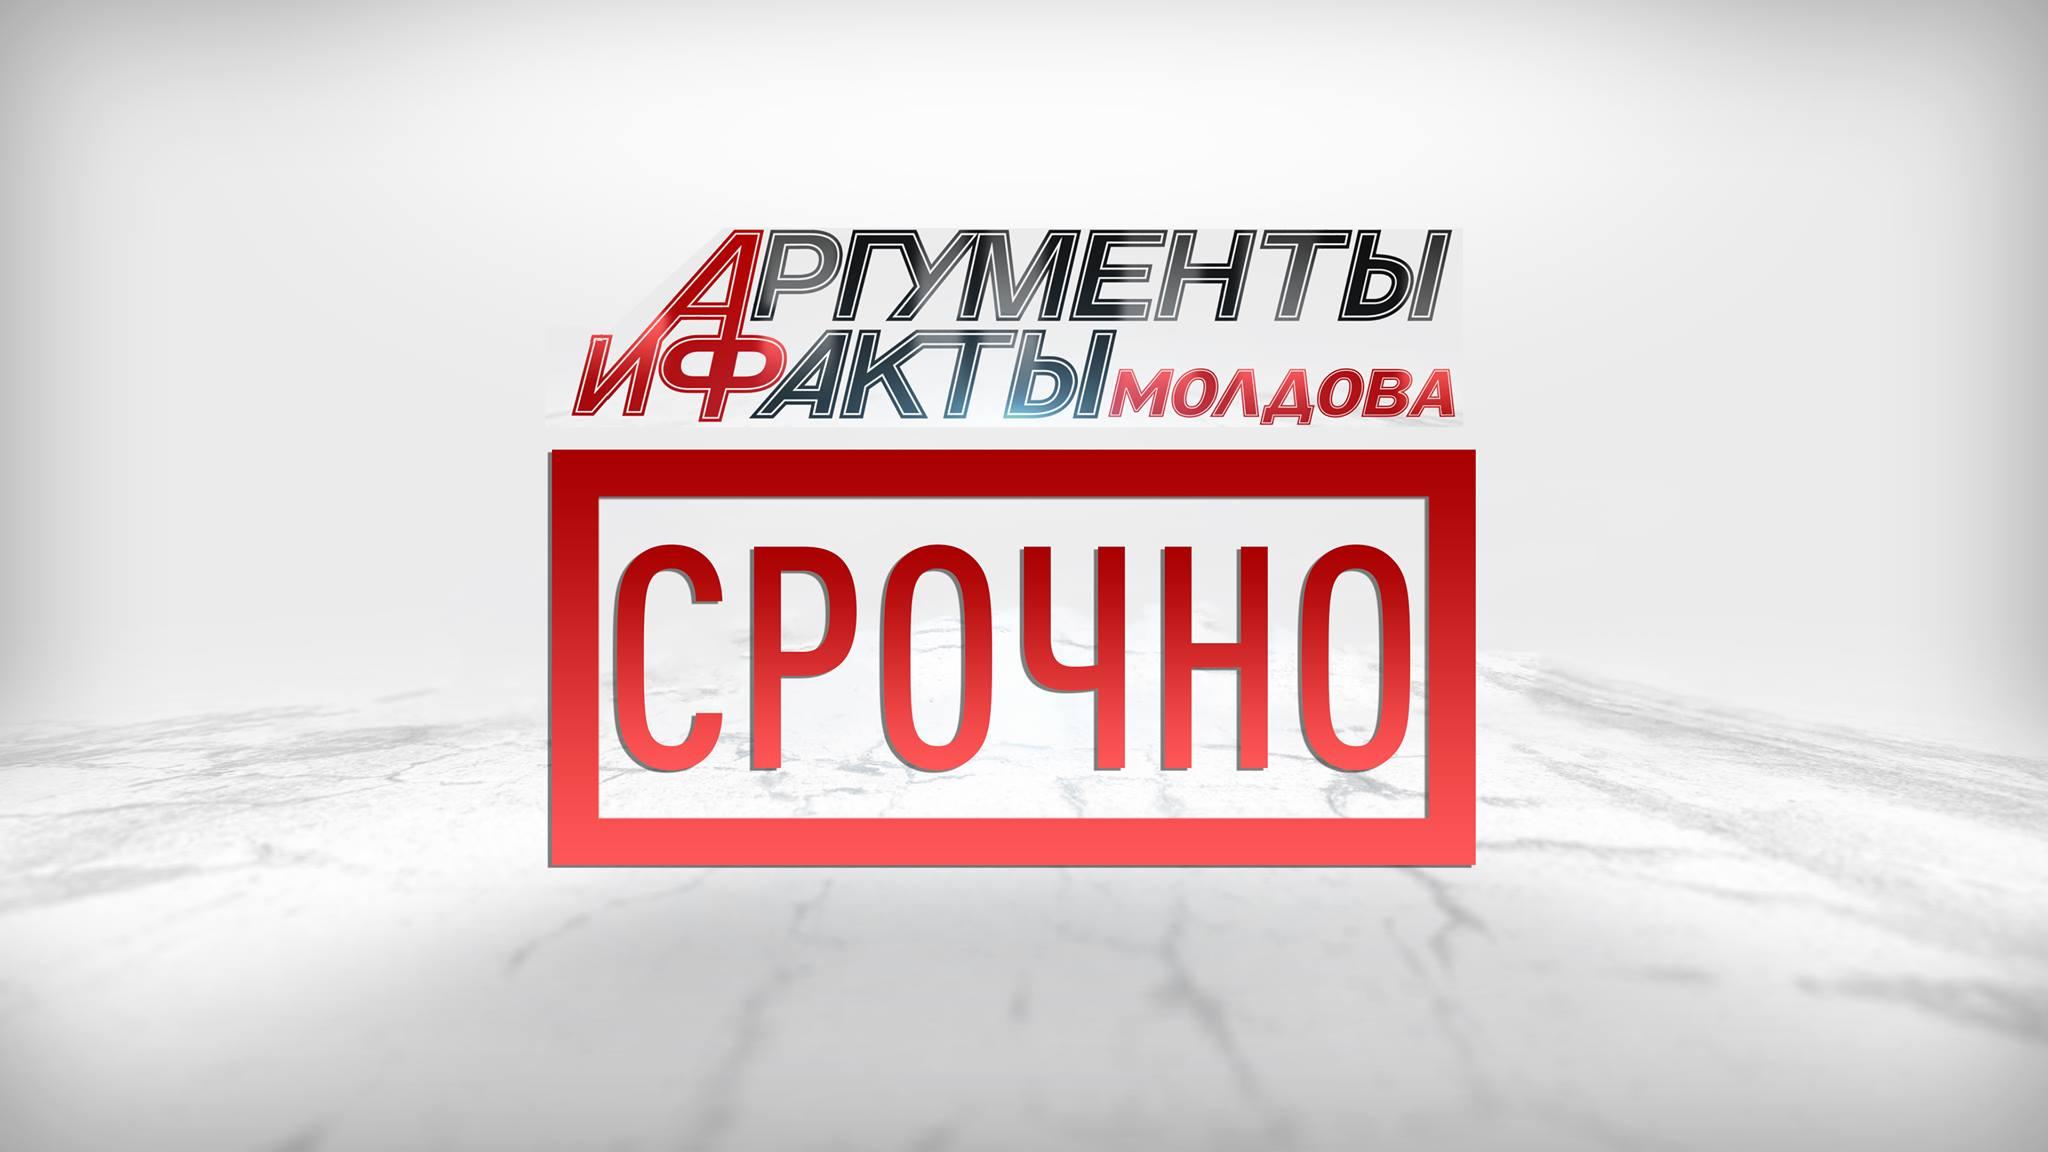 Срочно! Игорь Додон подал в ЦИК листы с 25 тысячами подписей в свою поддержку (ФОТО)